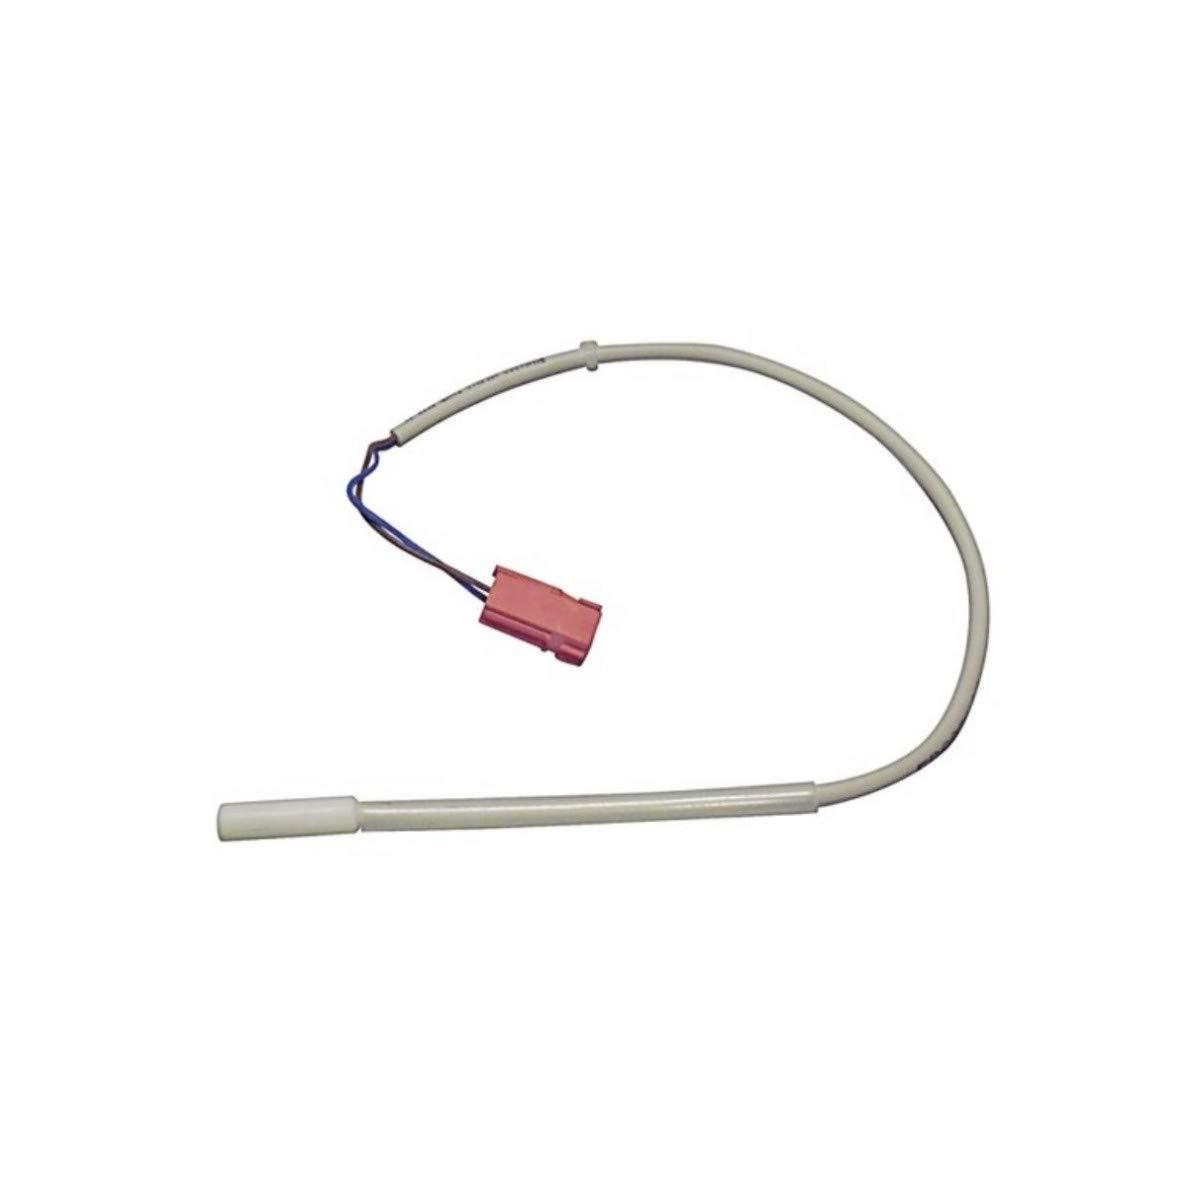 Recamania Sonda NTC frigorífico Balay 4KF10E6027 616301: Amazon.es